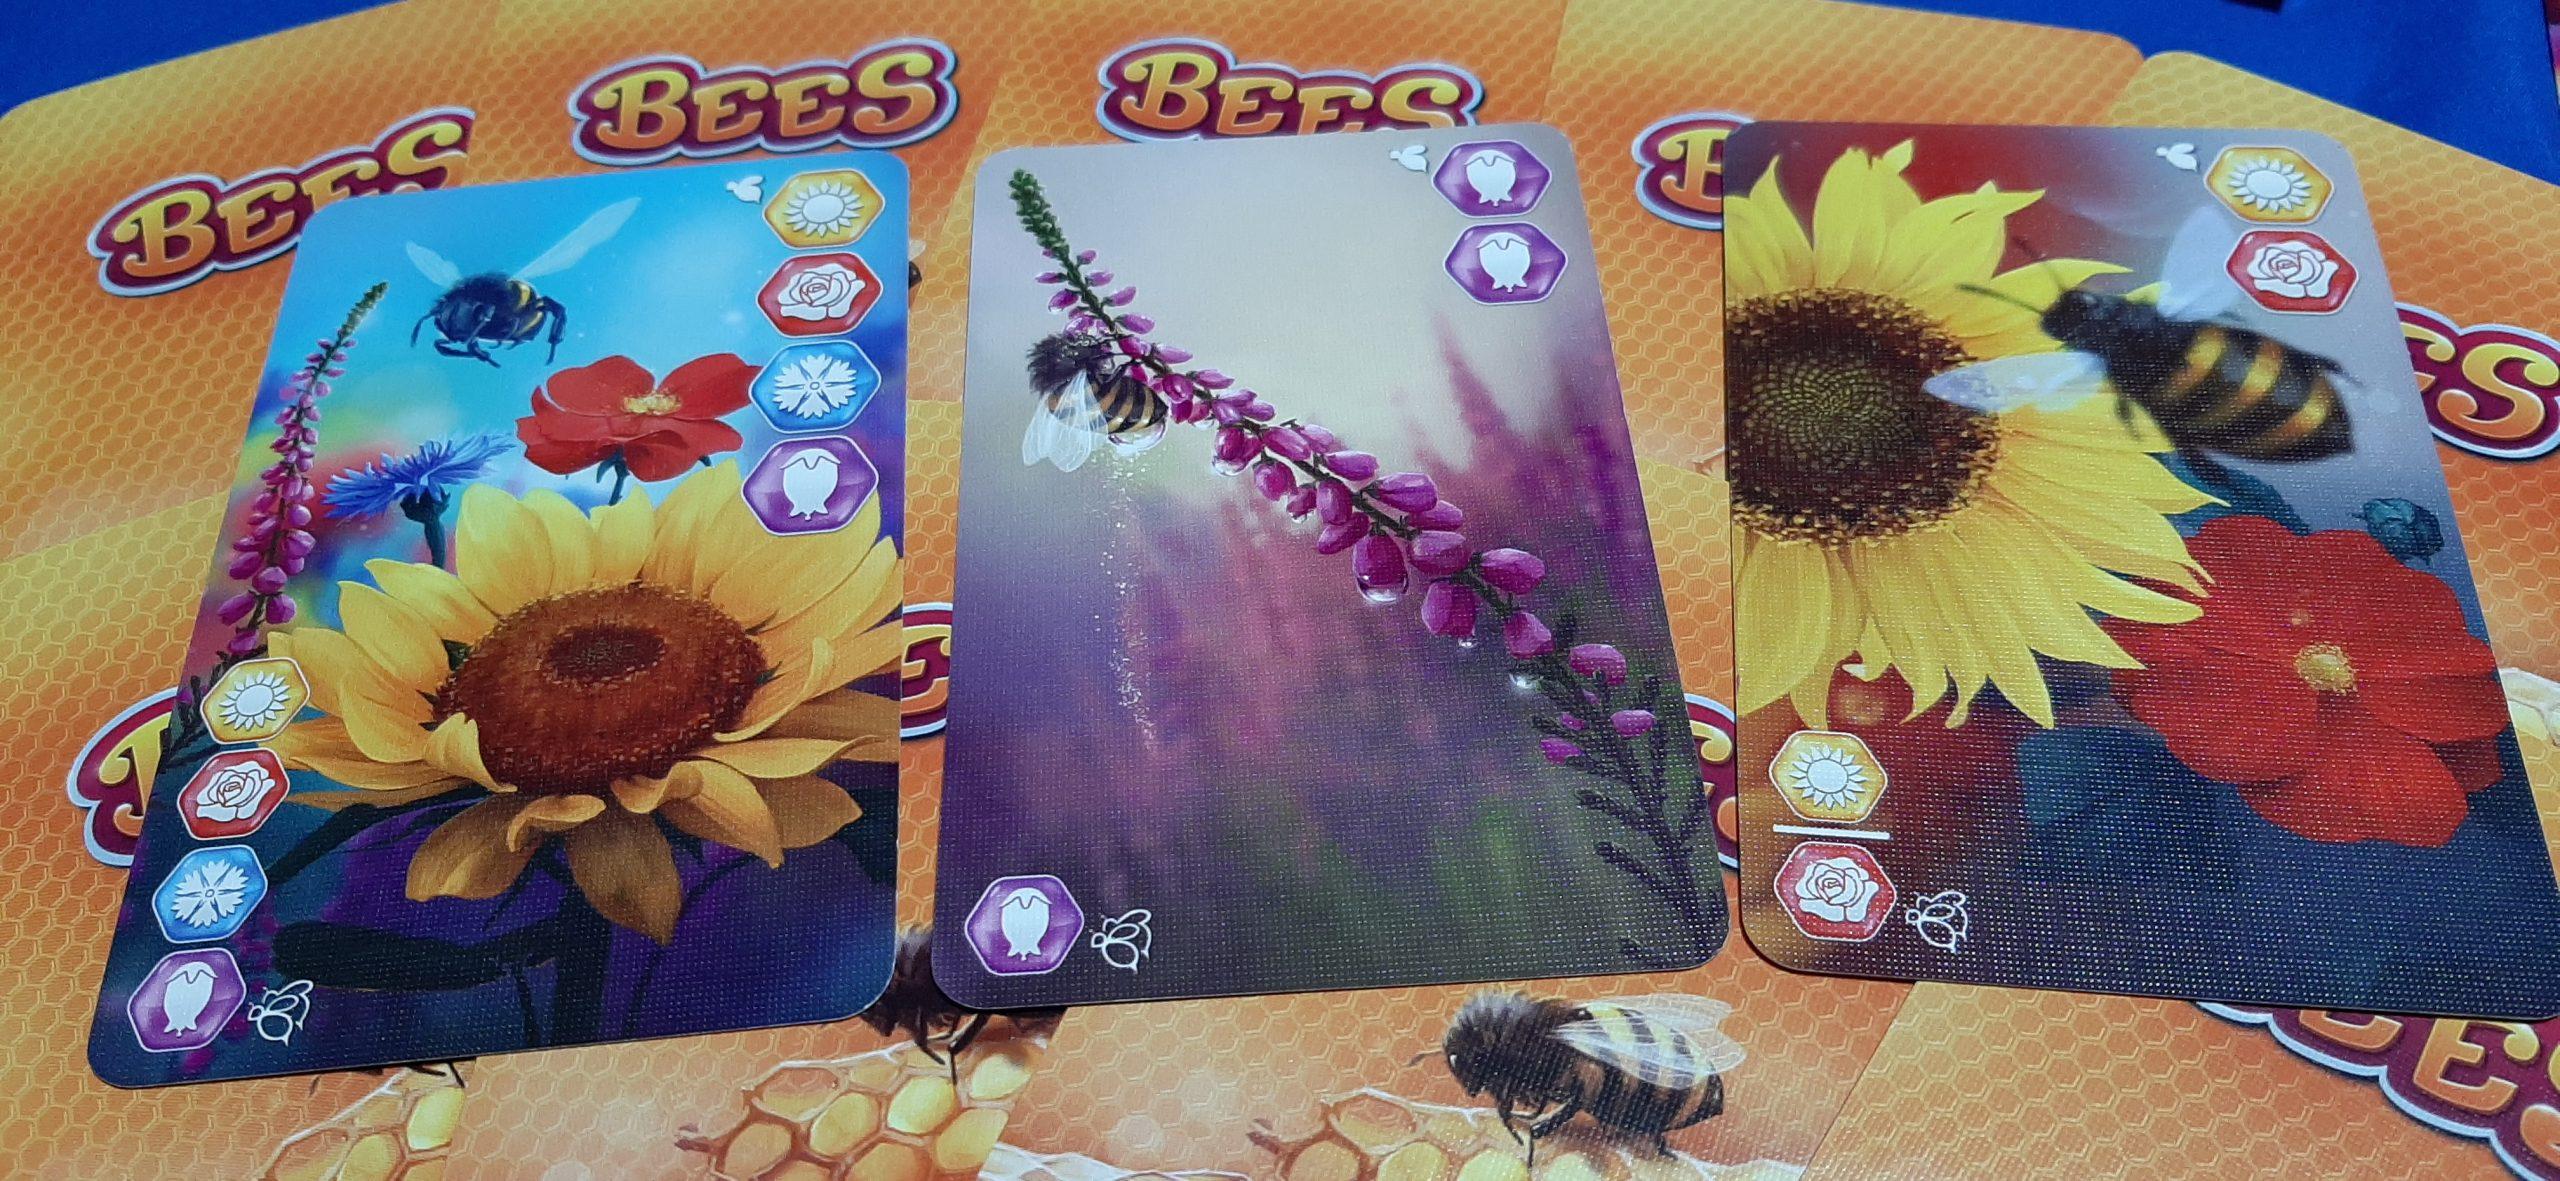 Bees: il reame segreto